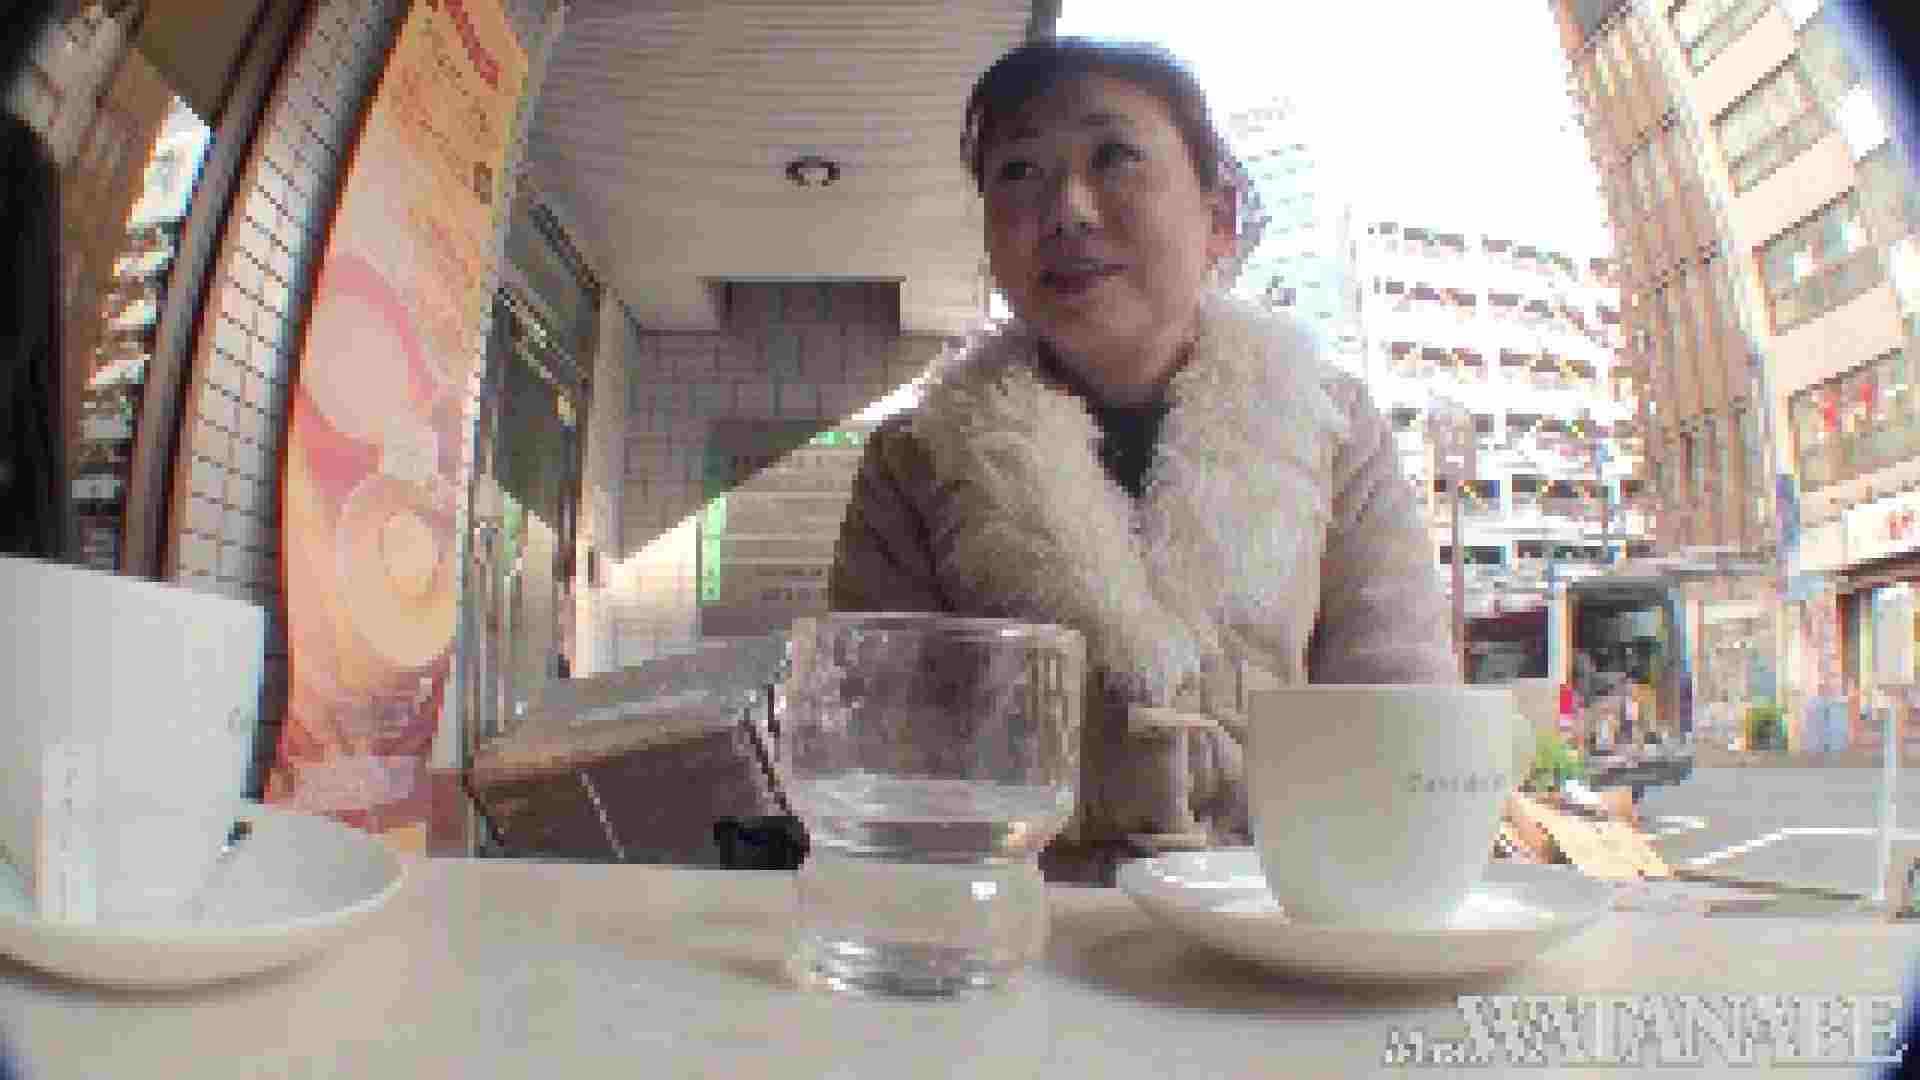 撮影スタッフを誘惑する痴熟女 かおり40歳 Vol.01 素人 | HなOL  67pic 42